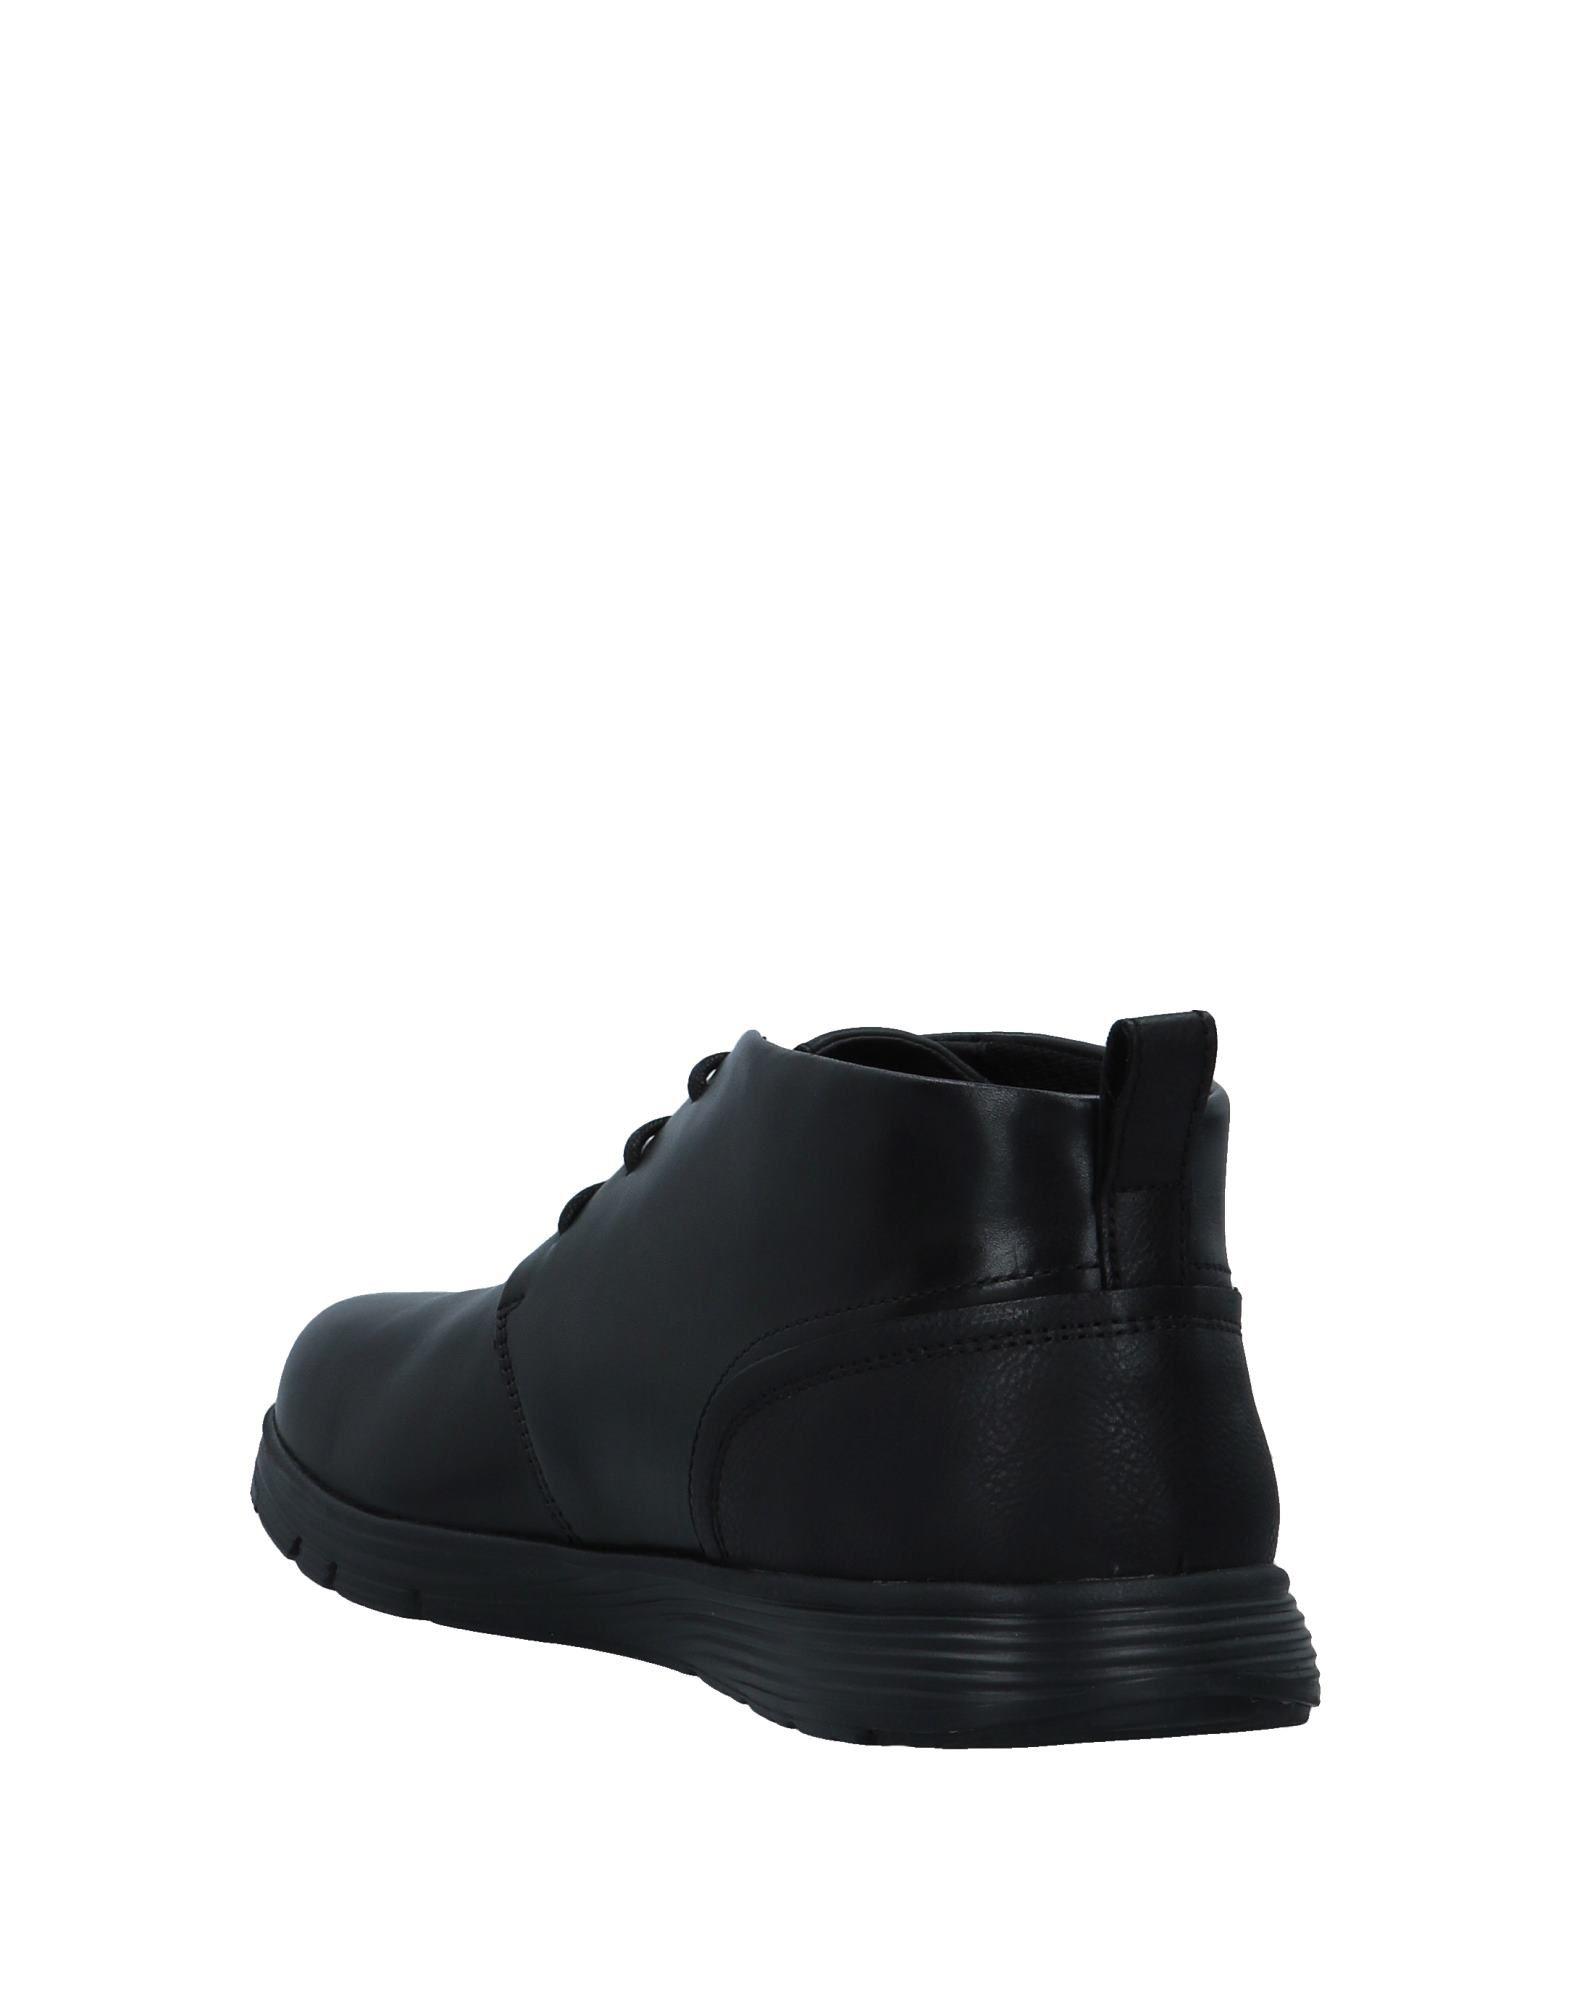 Geox Boots - Men Geox Boots online 11539609HW on  Canada - 11539609HW online 3d7747